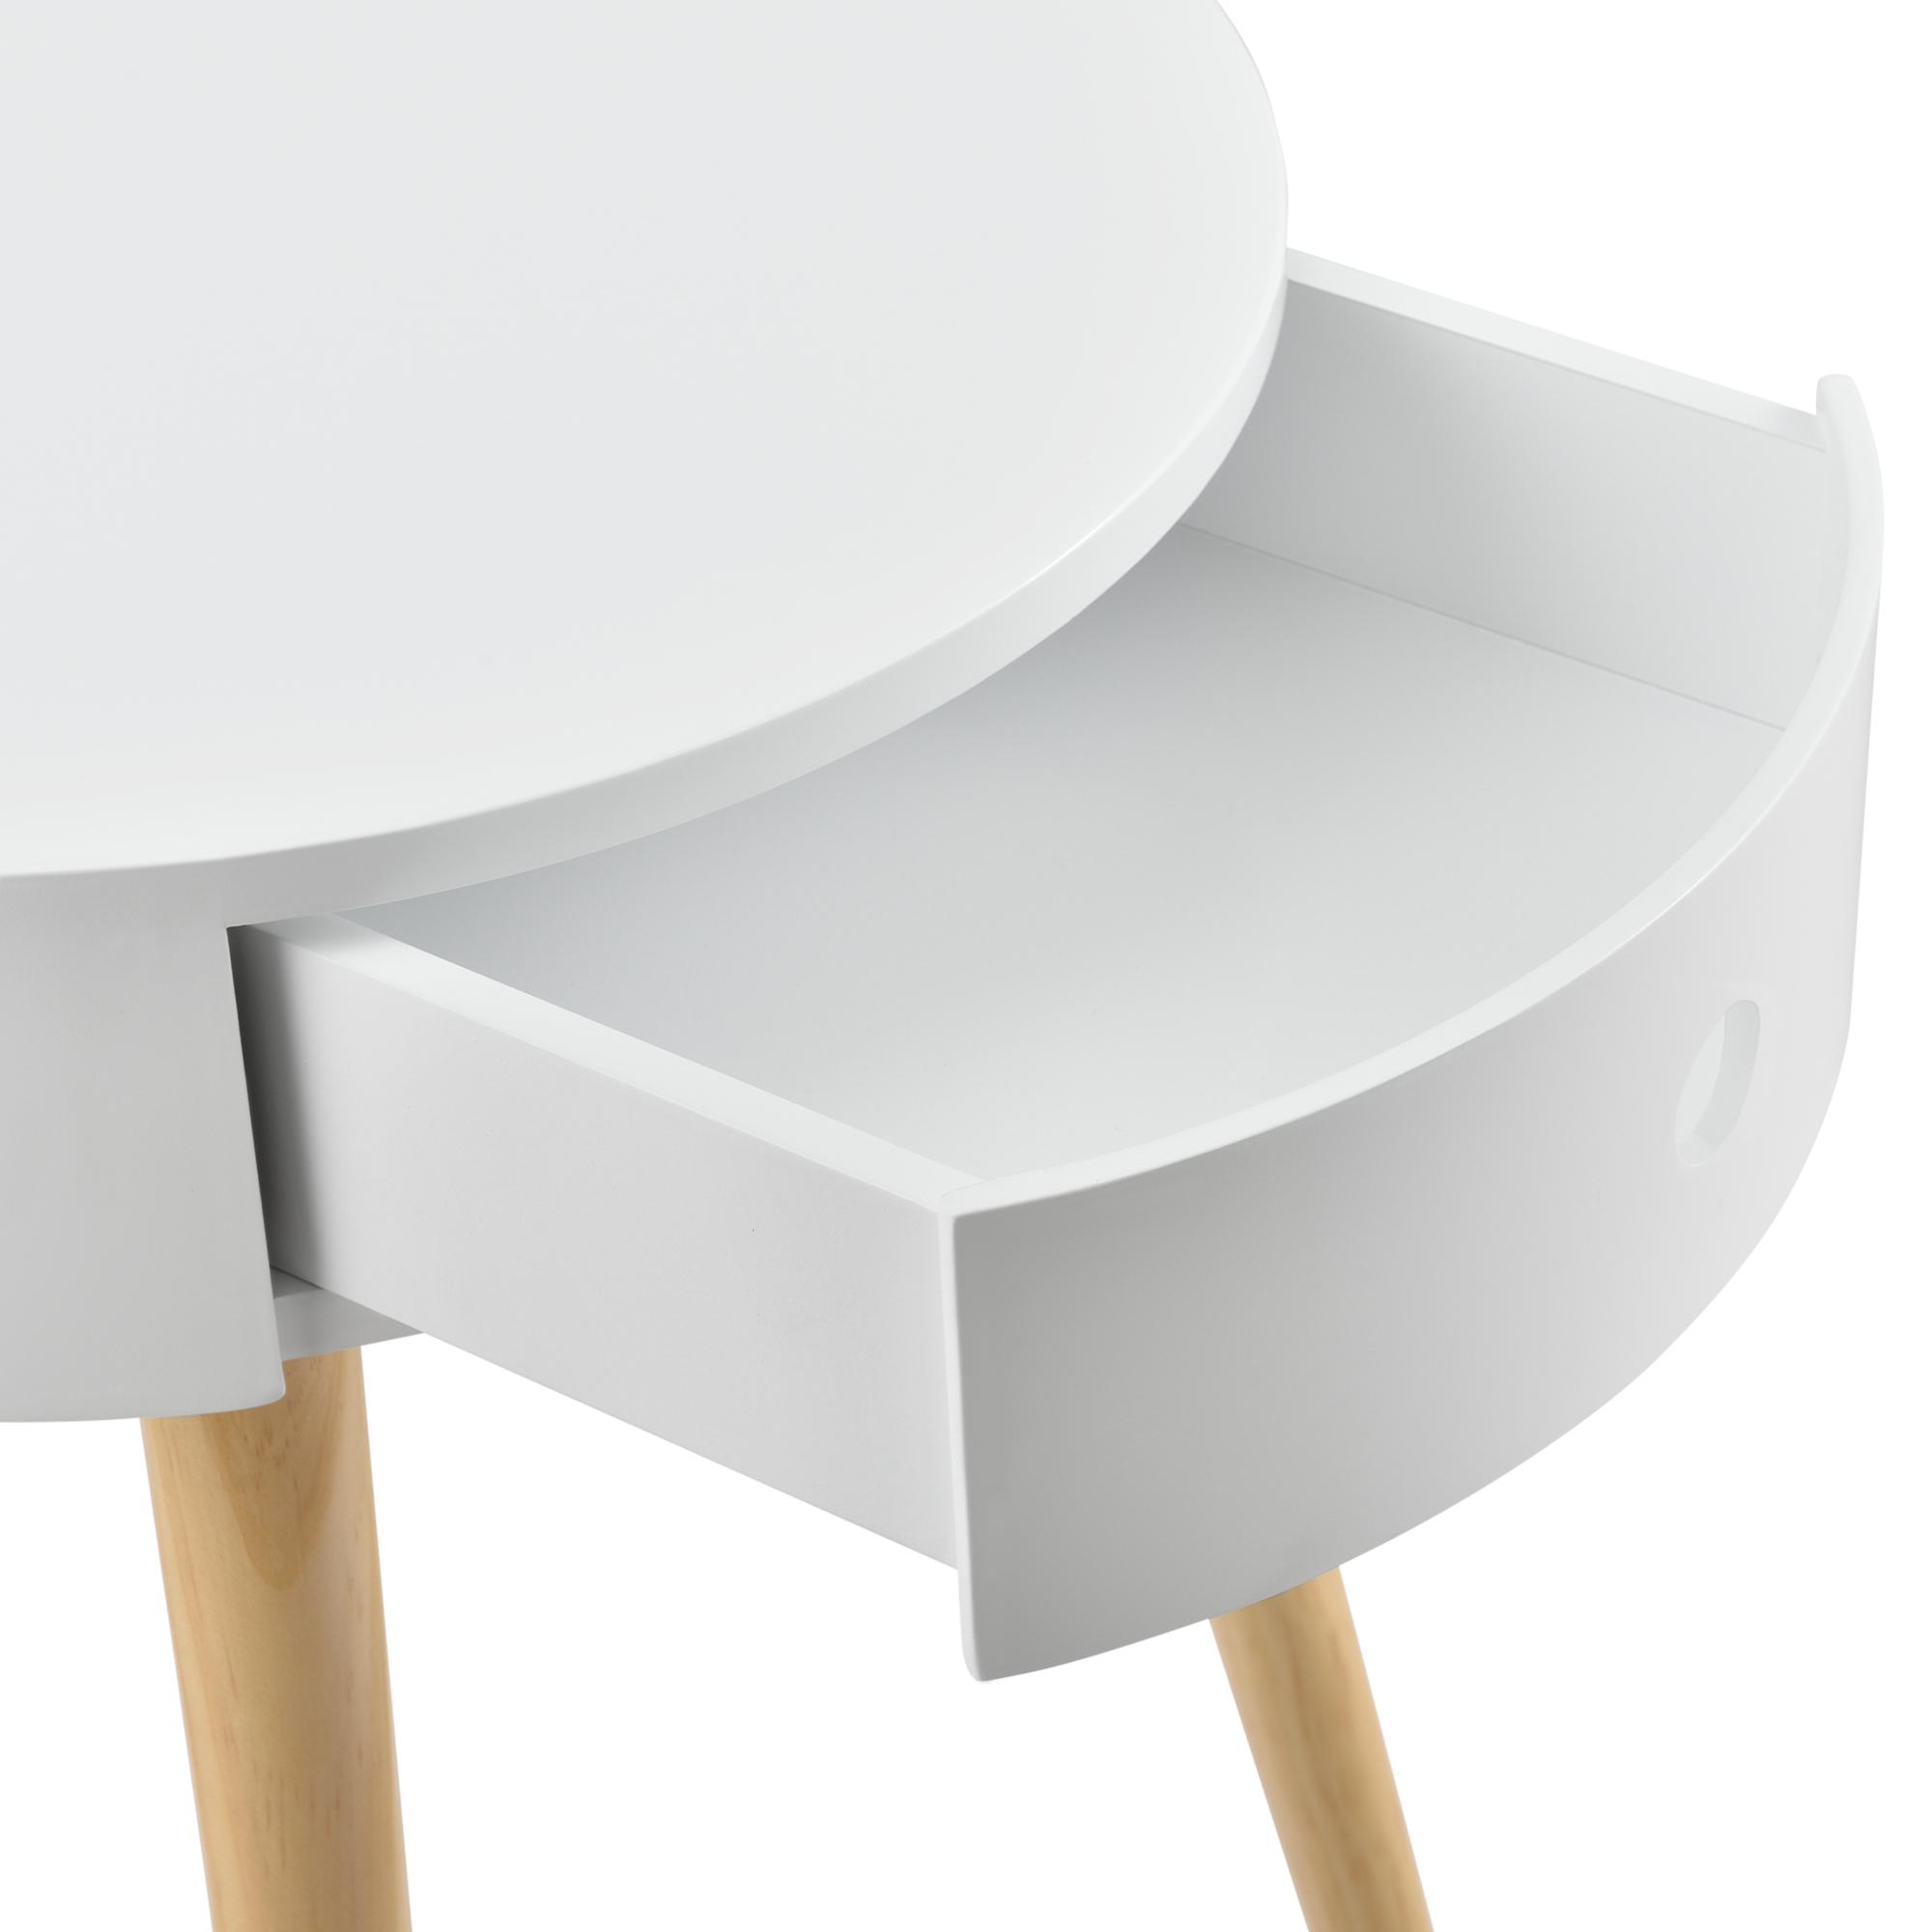 en.casa Beistelltisch Kommode Nachttisch Nachtschrank Nachtkommode Ablage Weiß